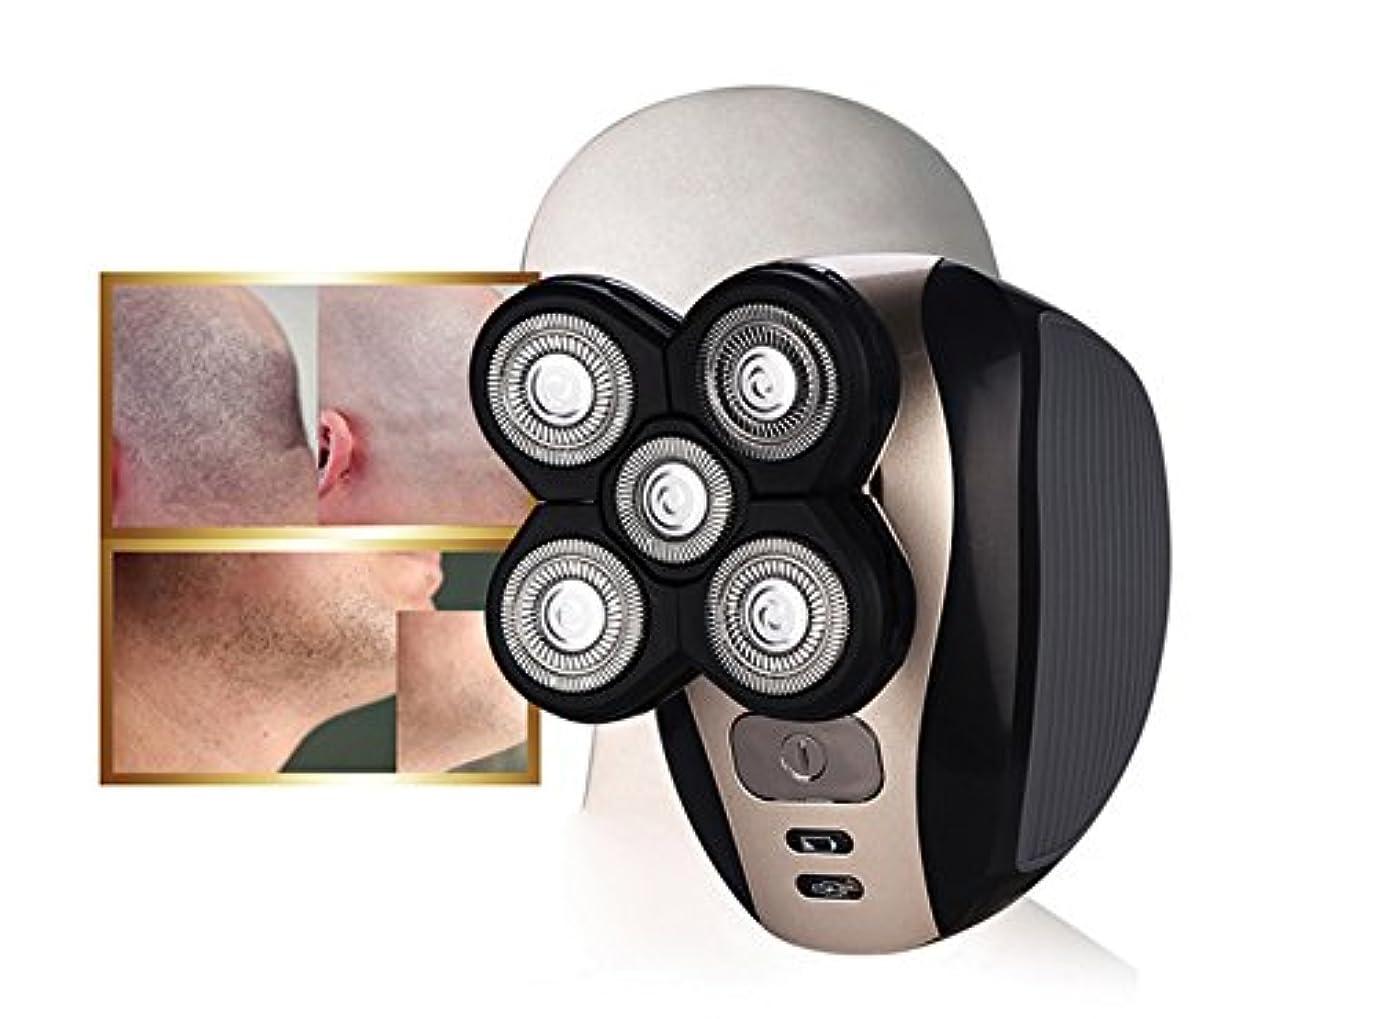 デッキプレゼント行くリコーヘッドまたは男性用シェービングギフトデザイン用に設計された充電式シェーバー5ブレード防水3Dフローティングマシン